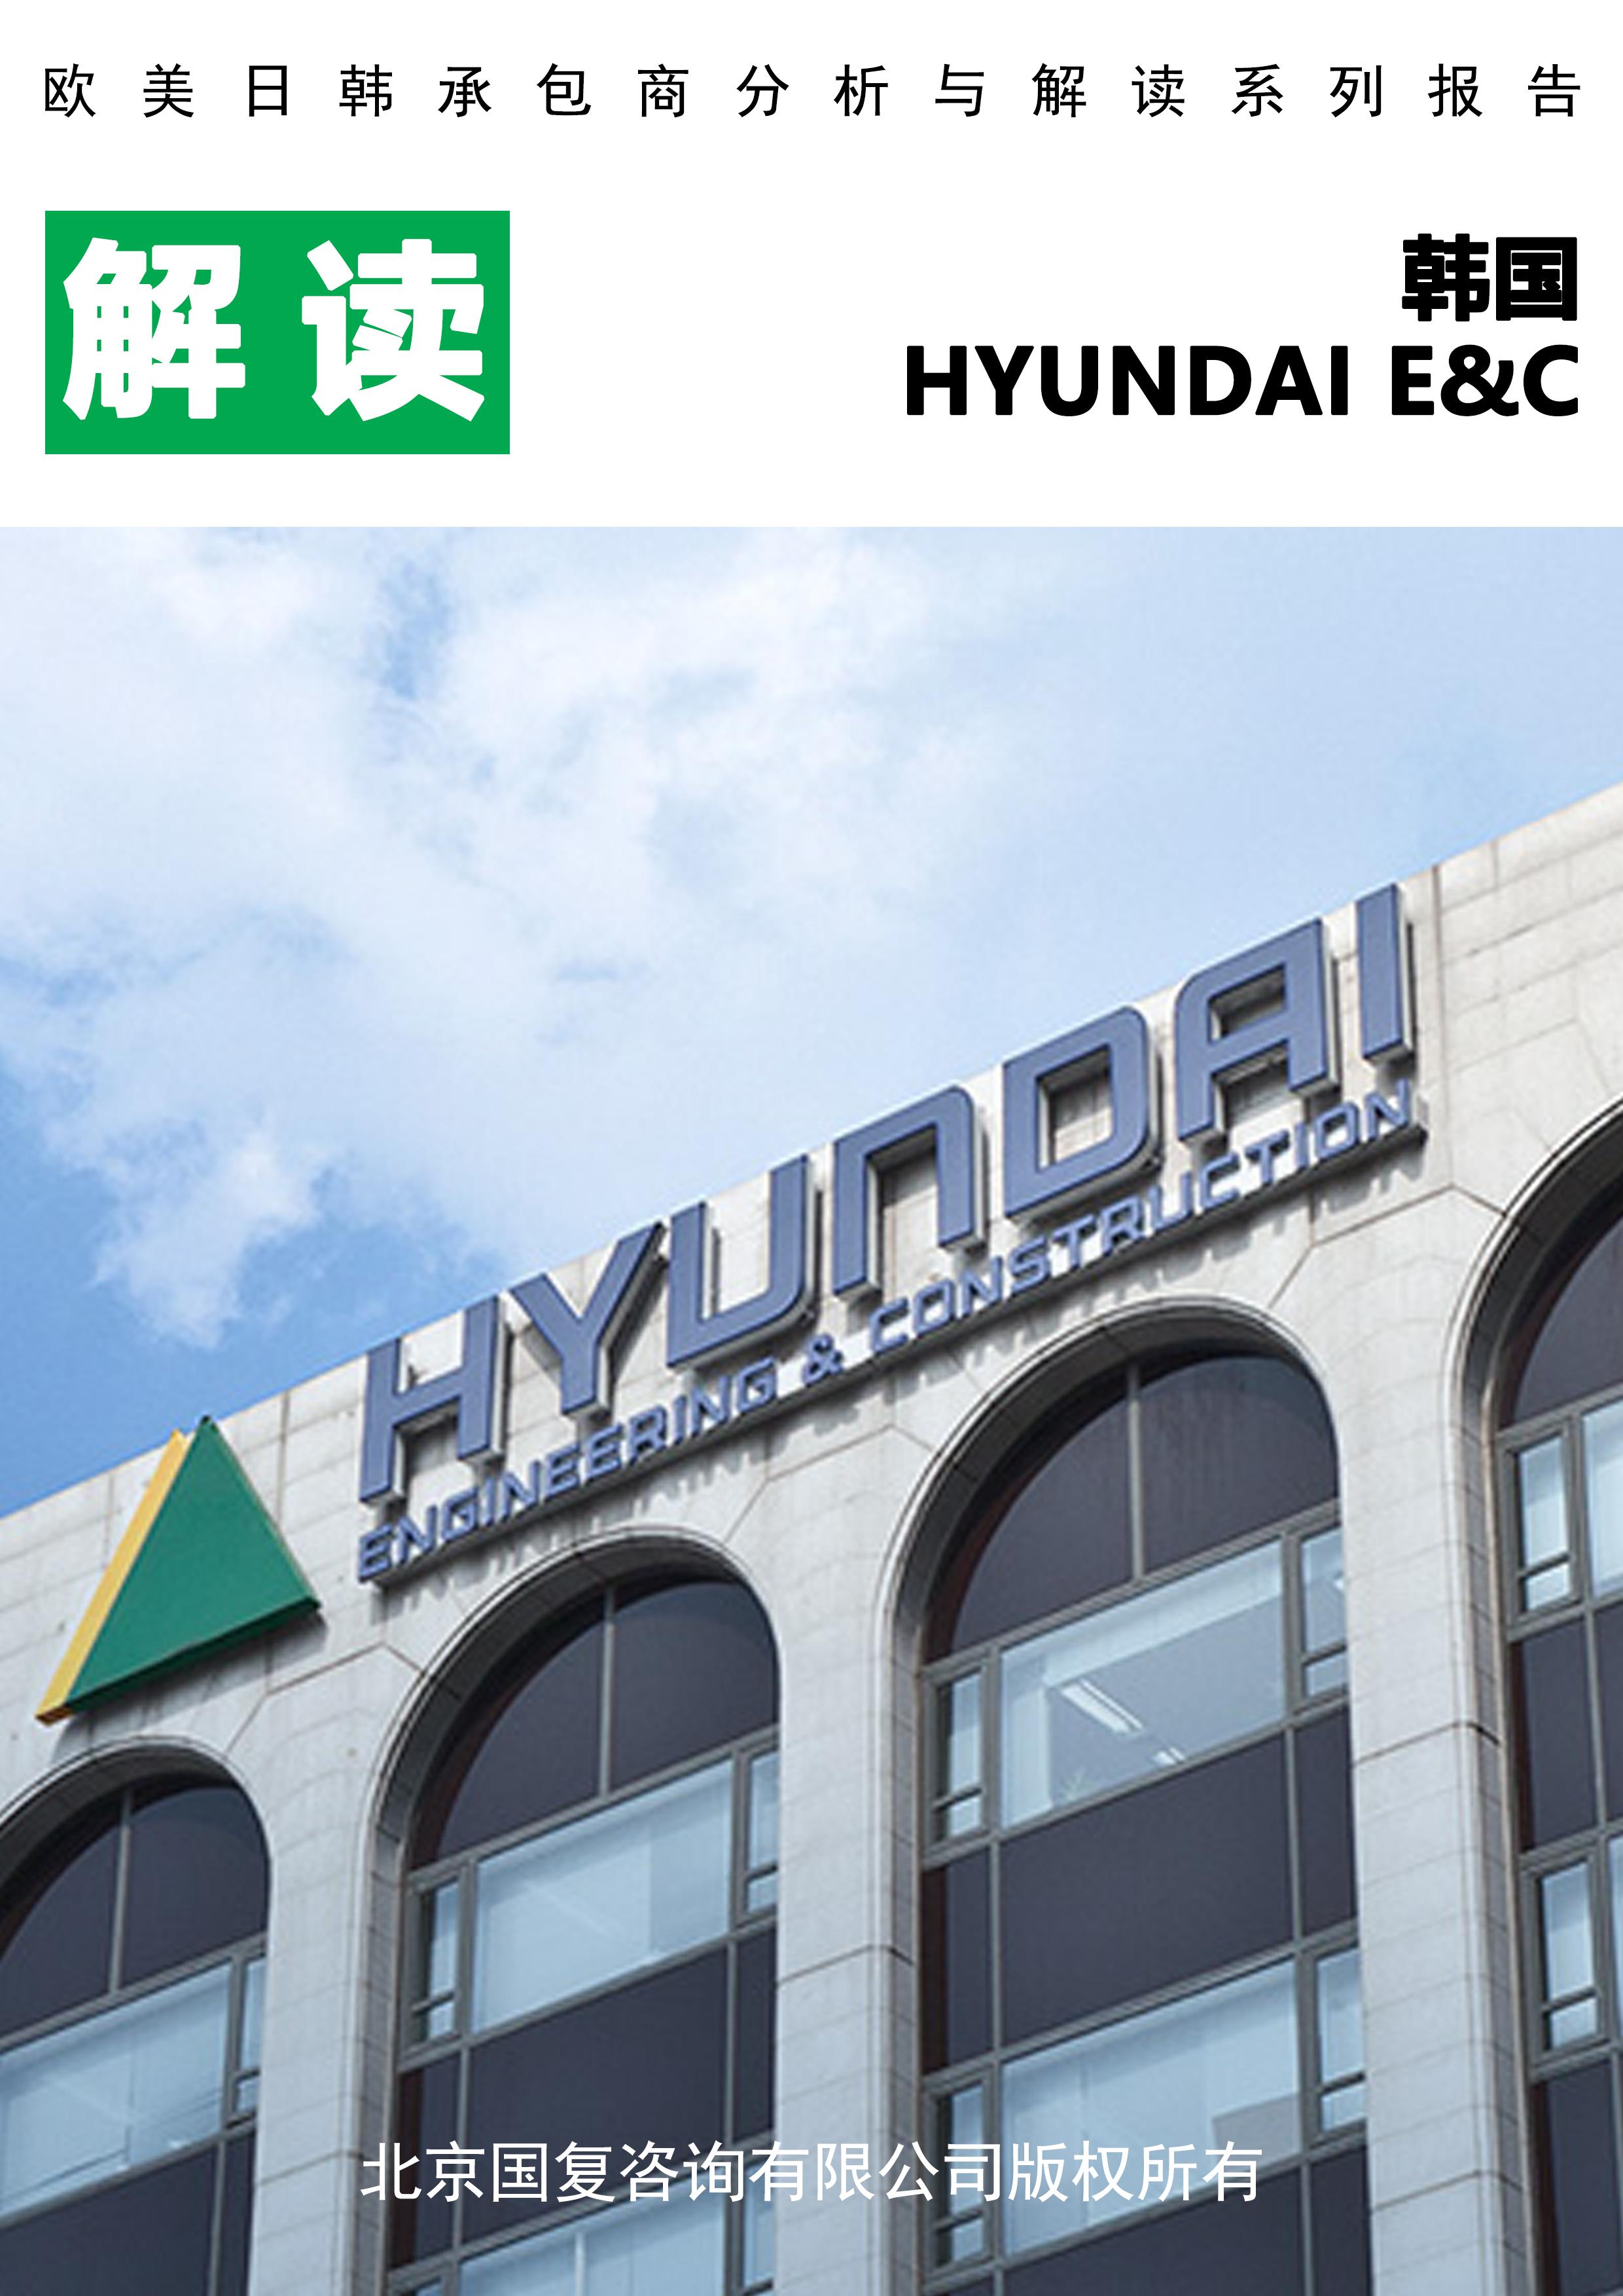 韩国Hyundai E&C解读报告